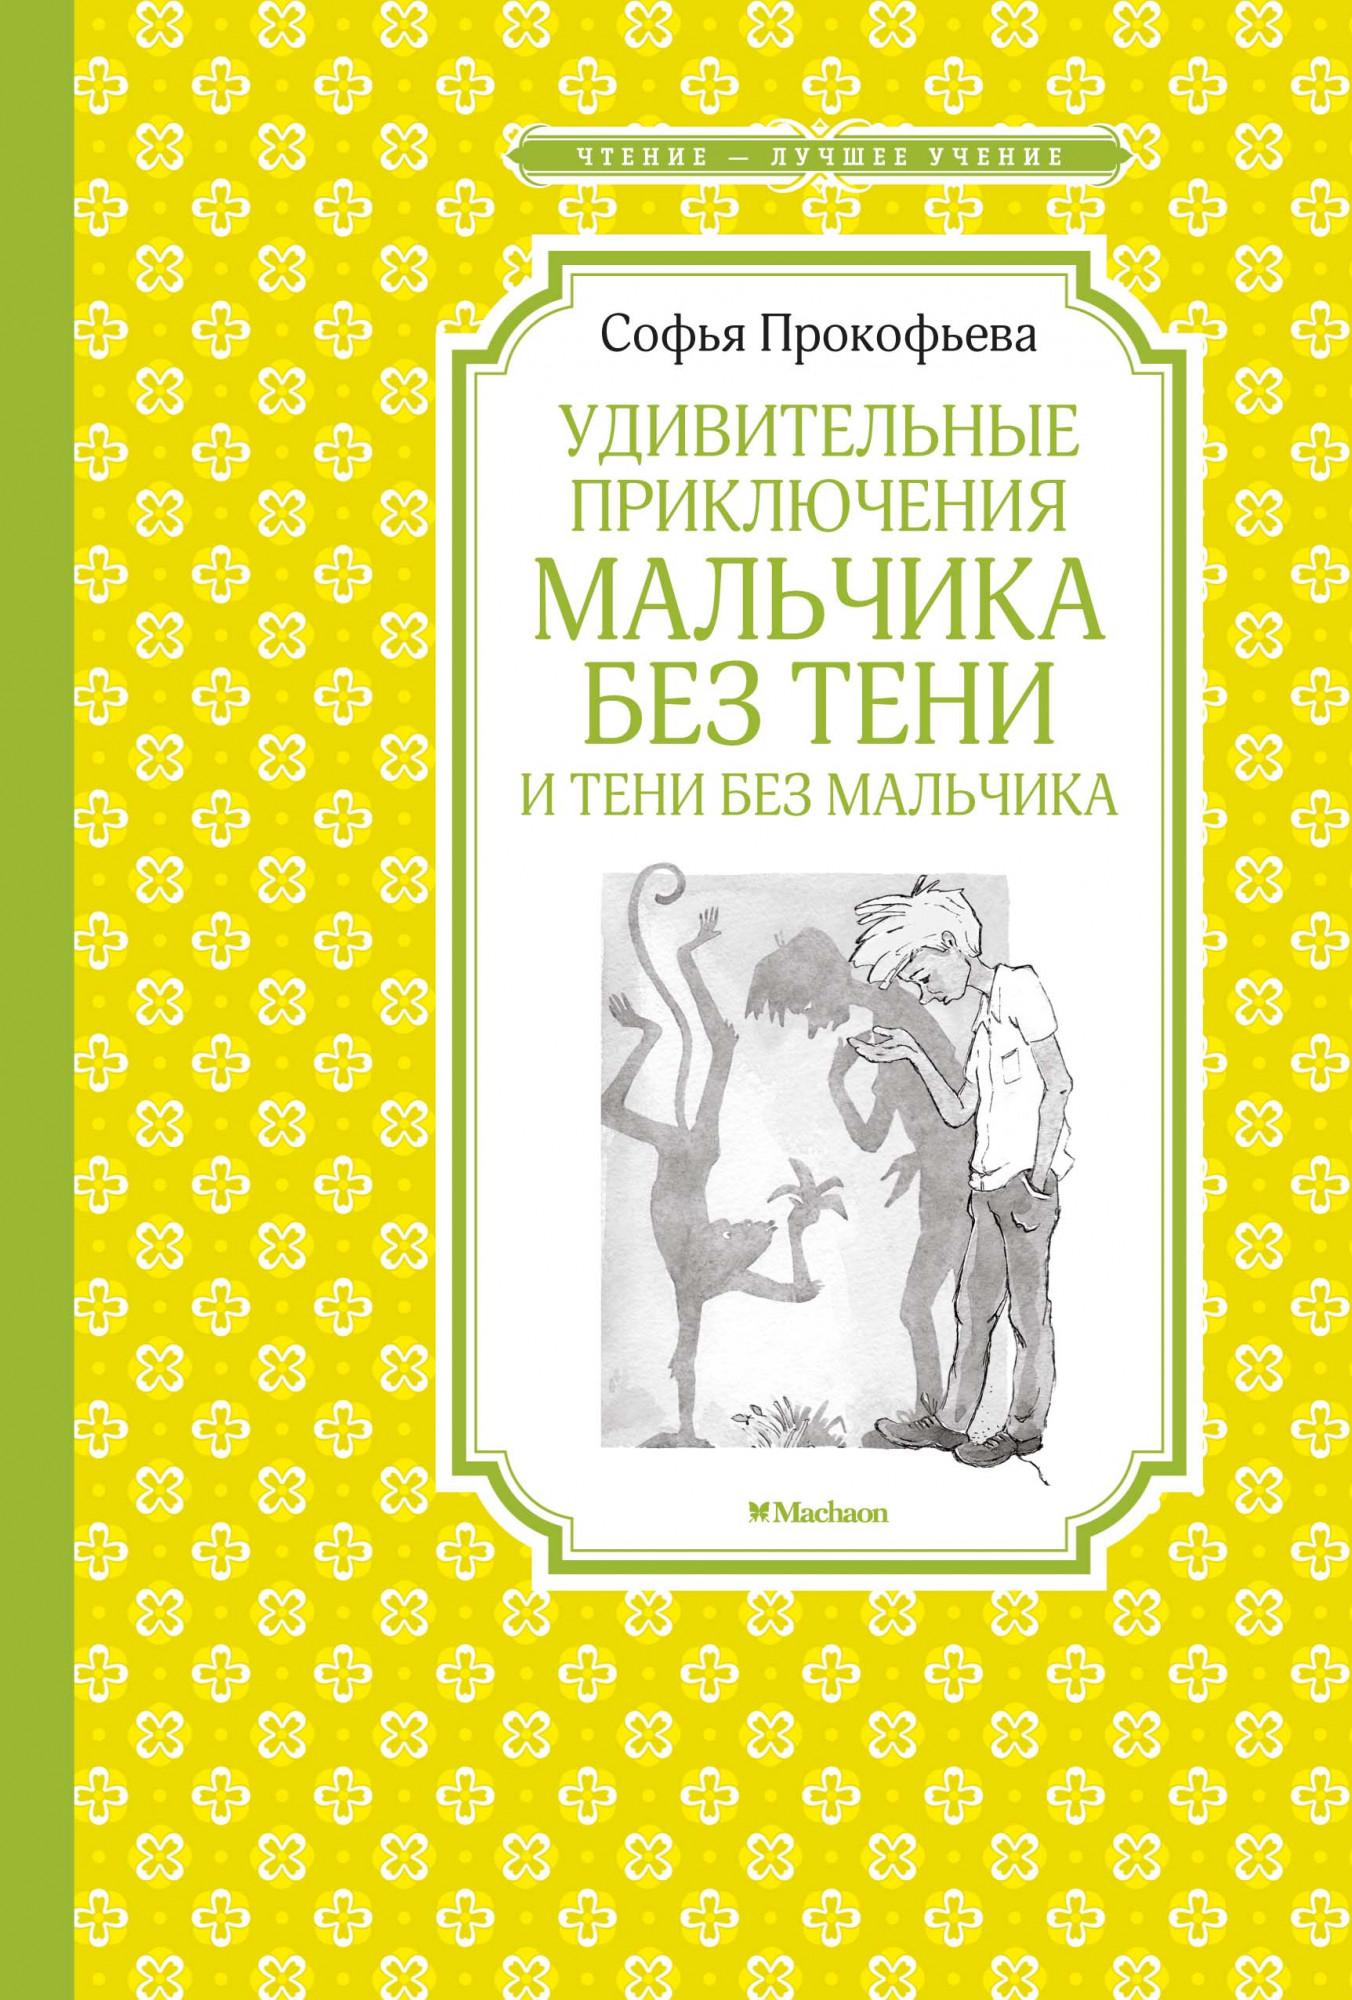 Купить Удивительные приключения Мальчика Без тени и тени Без Мальчика, Махаон, Детская художественная литература